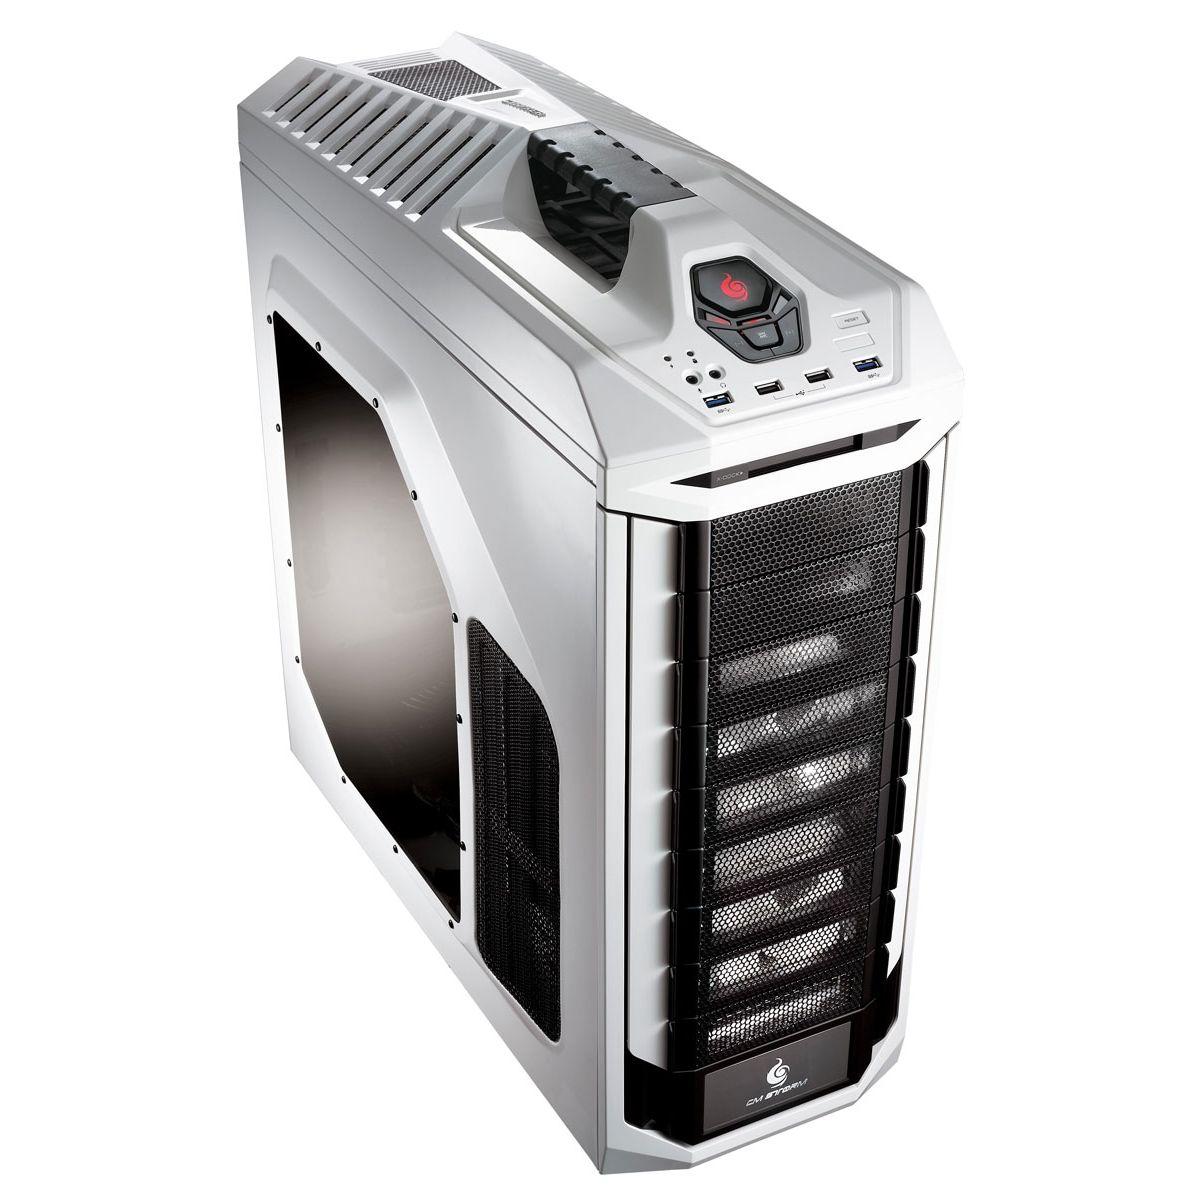 Boîtier cooler master cm storm stryker - pleine tour - atx - 10% de remise immédiate avec le code : multi10 (photo)